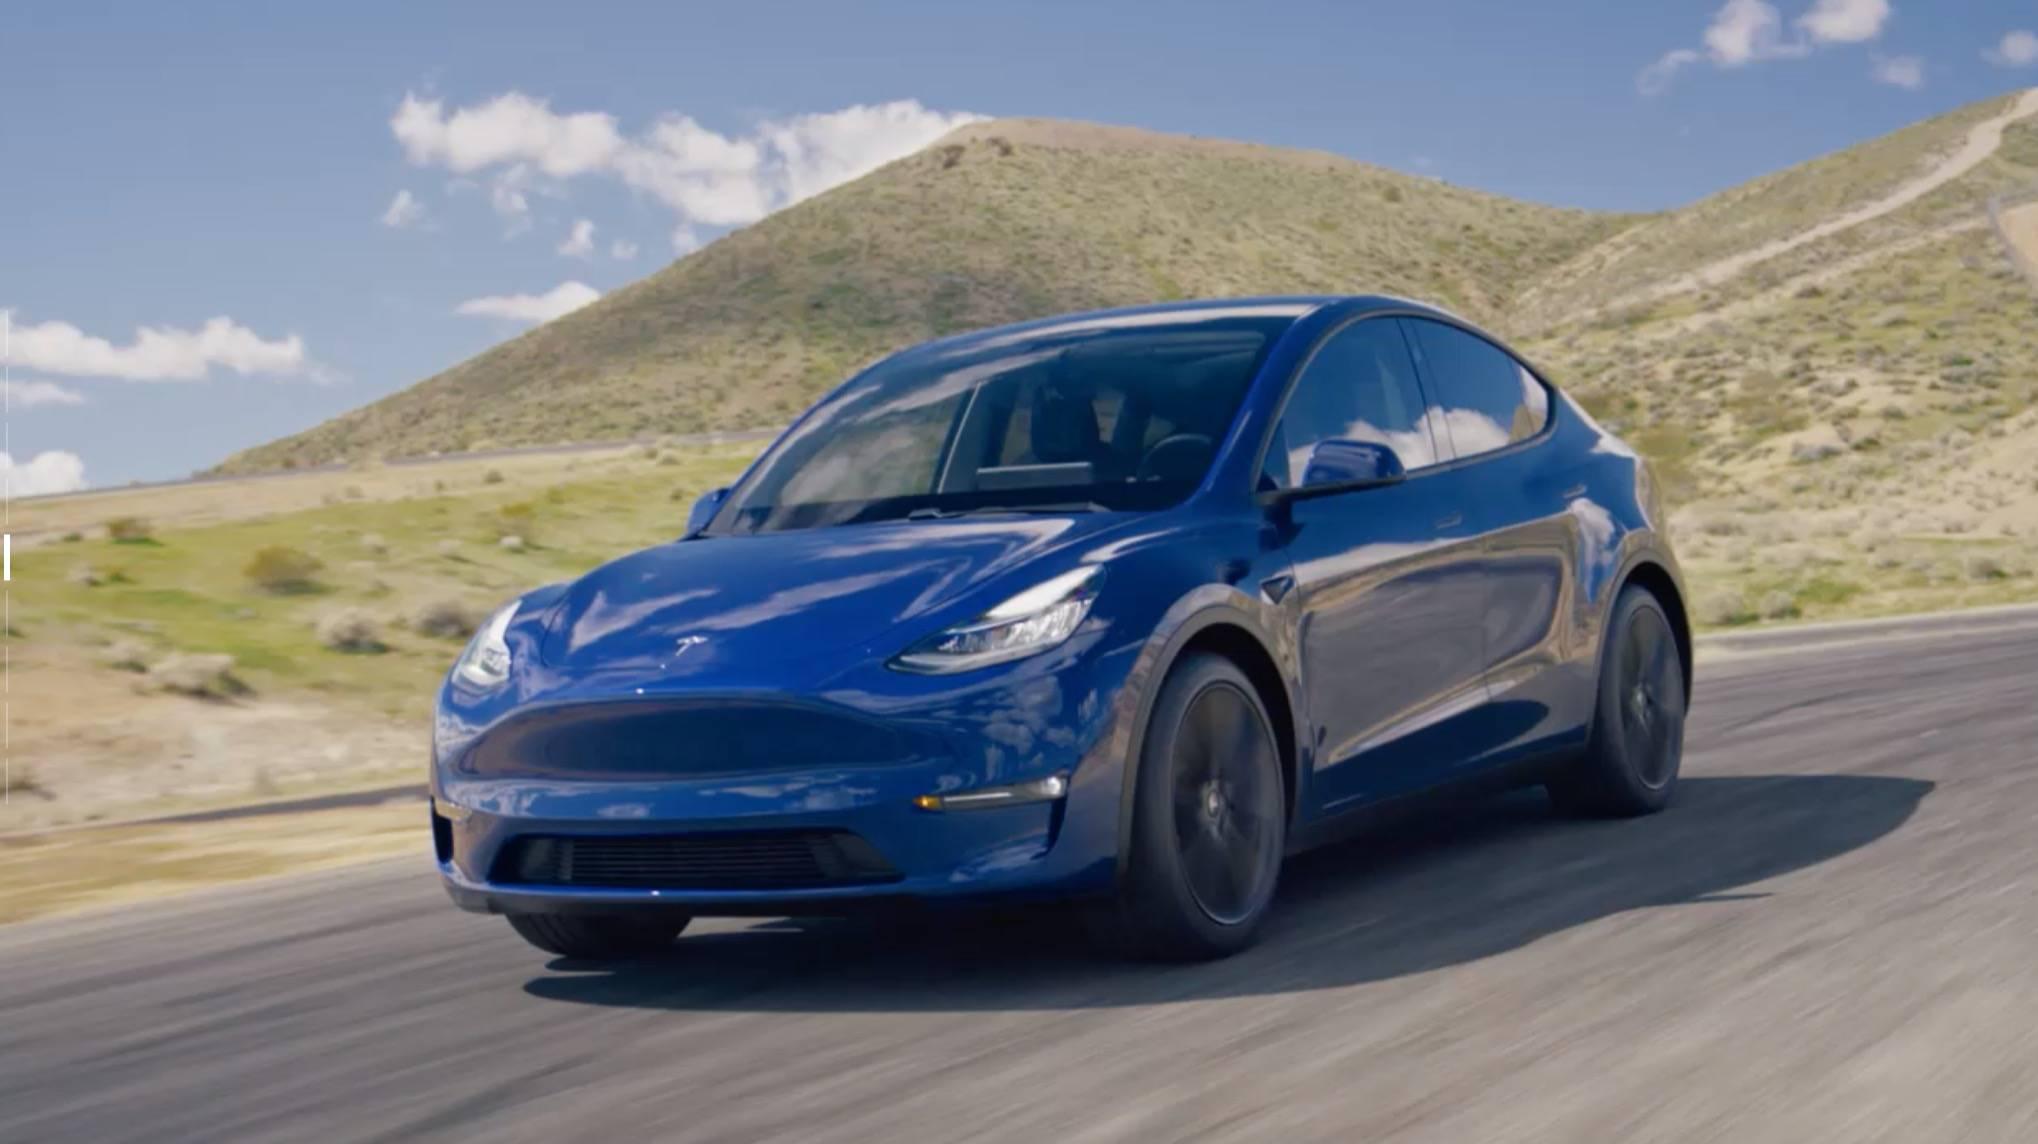 特斯拉 Model Y 发布,3.9 万美元起,明年交付